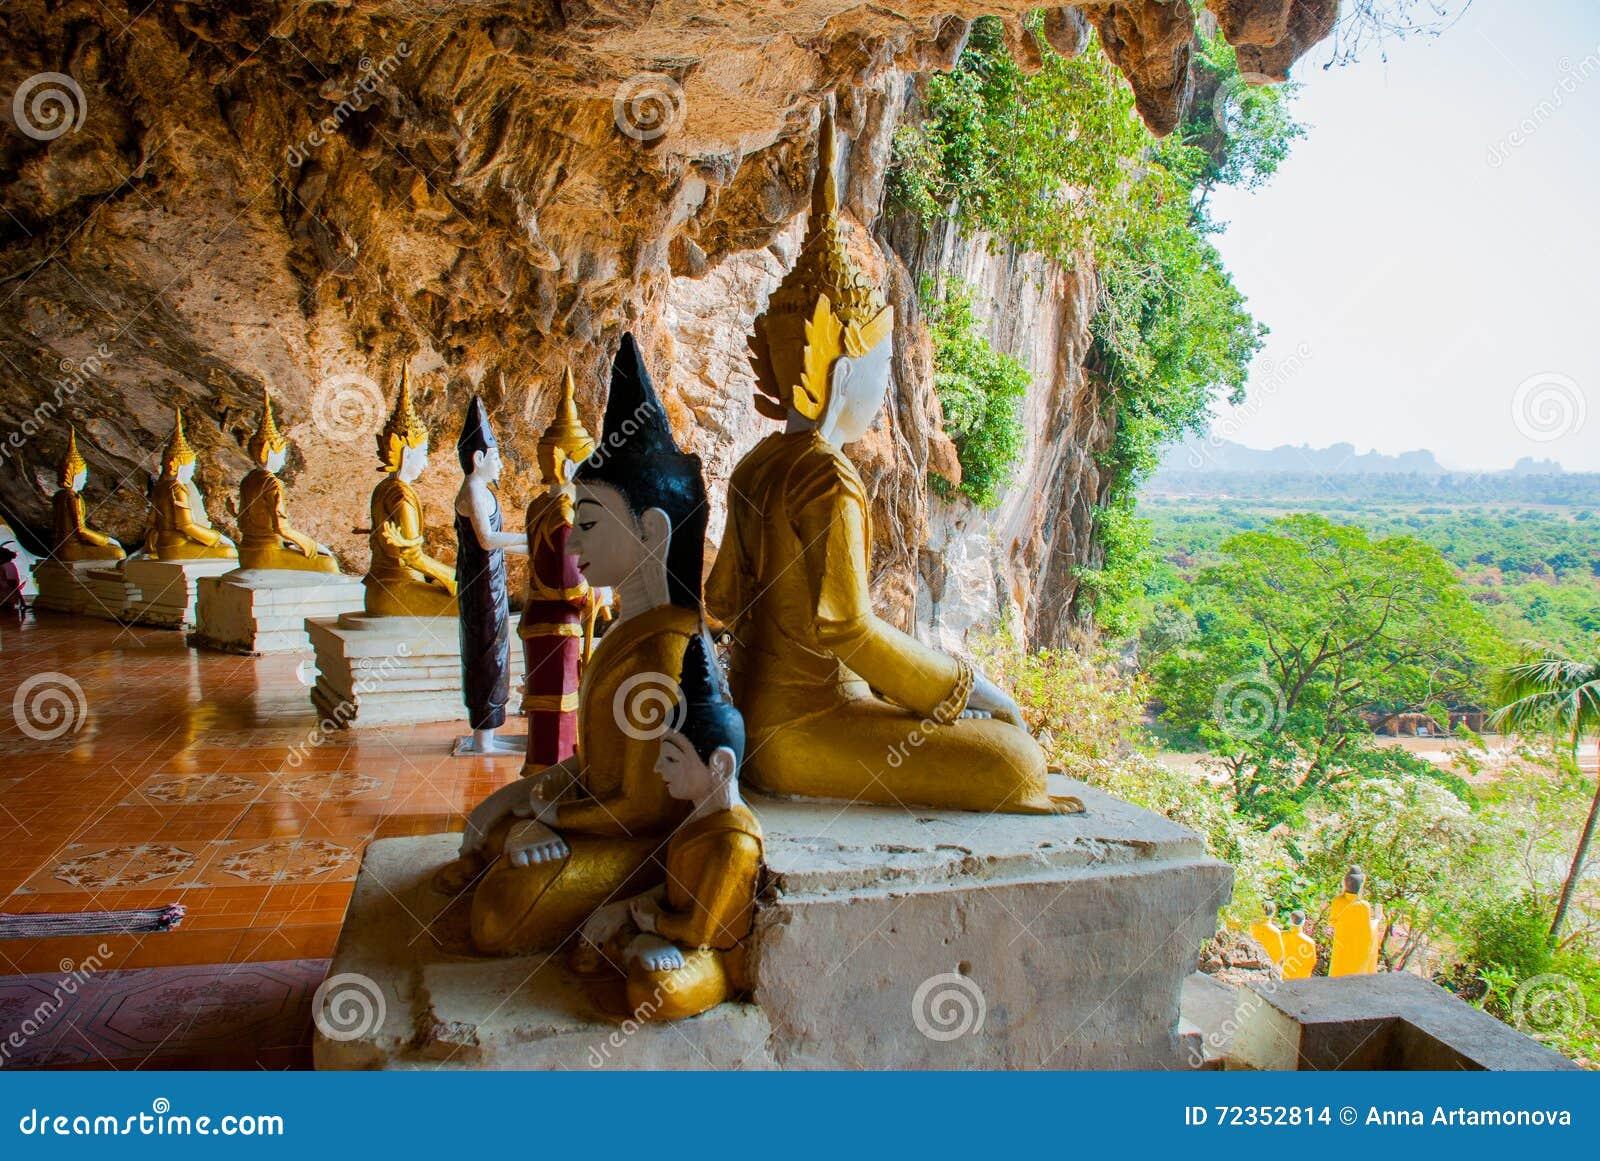 全部Buddhas雕象惊人的看法和宗教雕刻在神圣的洞的石灰石岩石 Hpa-An,缅甸 缅甸